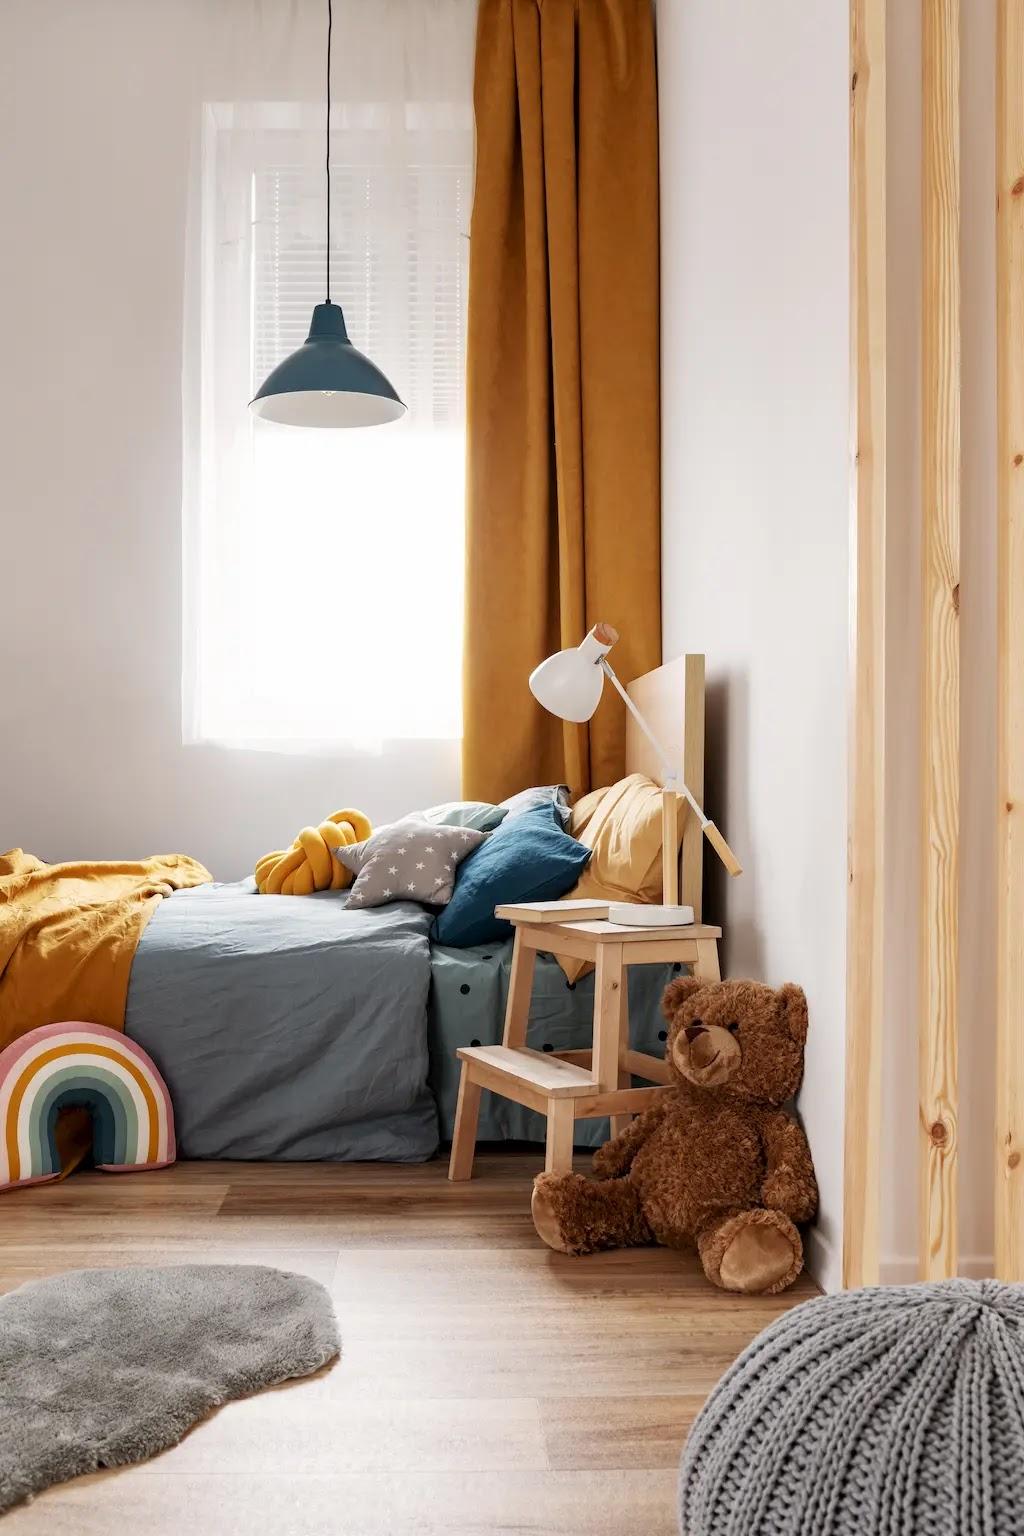 Dormitorio infantil y juvenil con paredes blancas y decoración en mostaza y azul